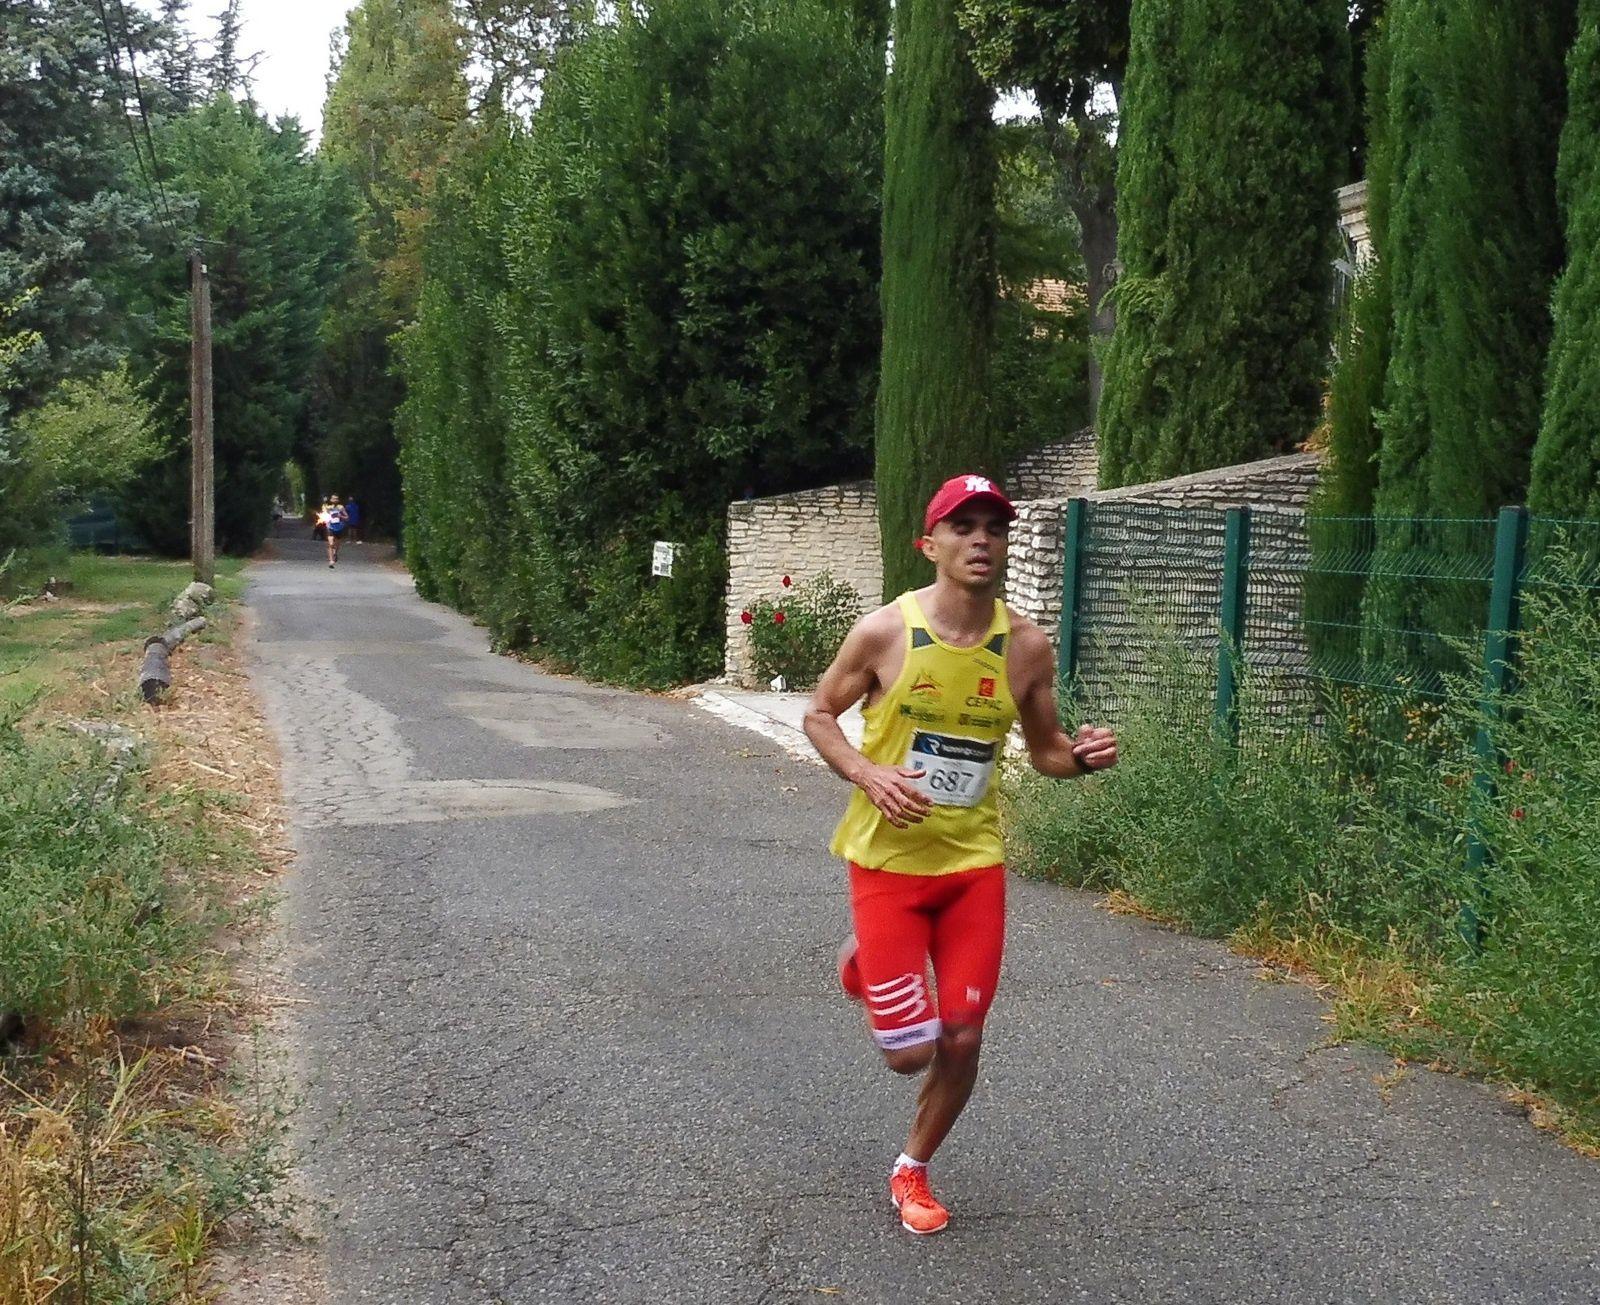 Le vainqueur, SERGHINI Mohamed (SCO Sainte Marguerite) à 2 km de l'arrivée.